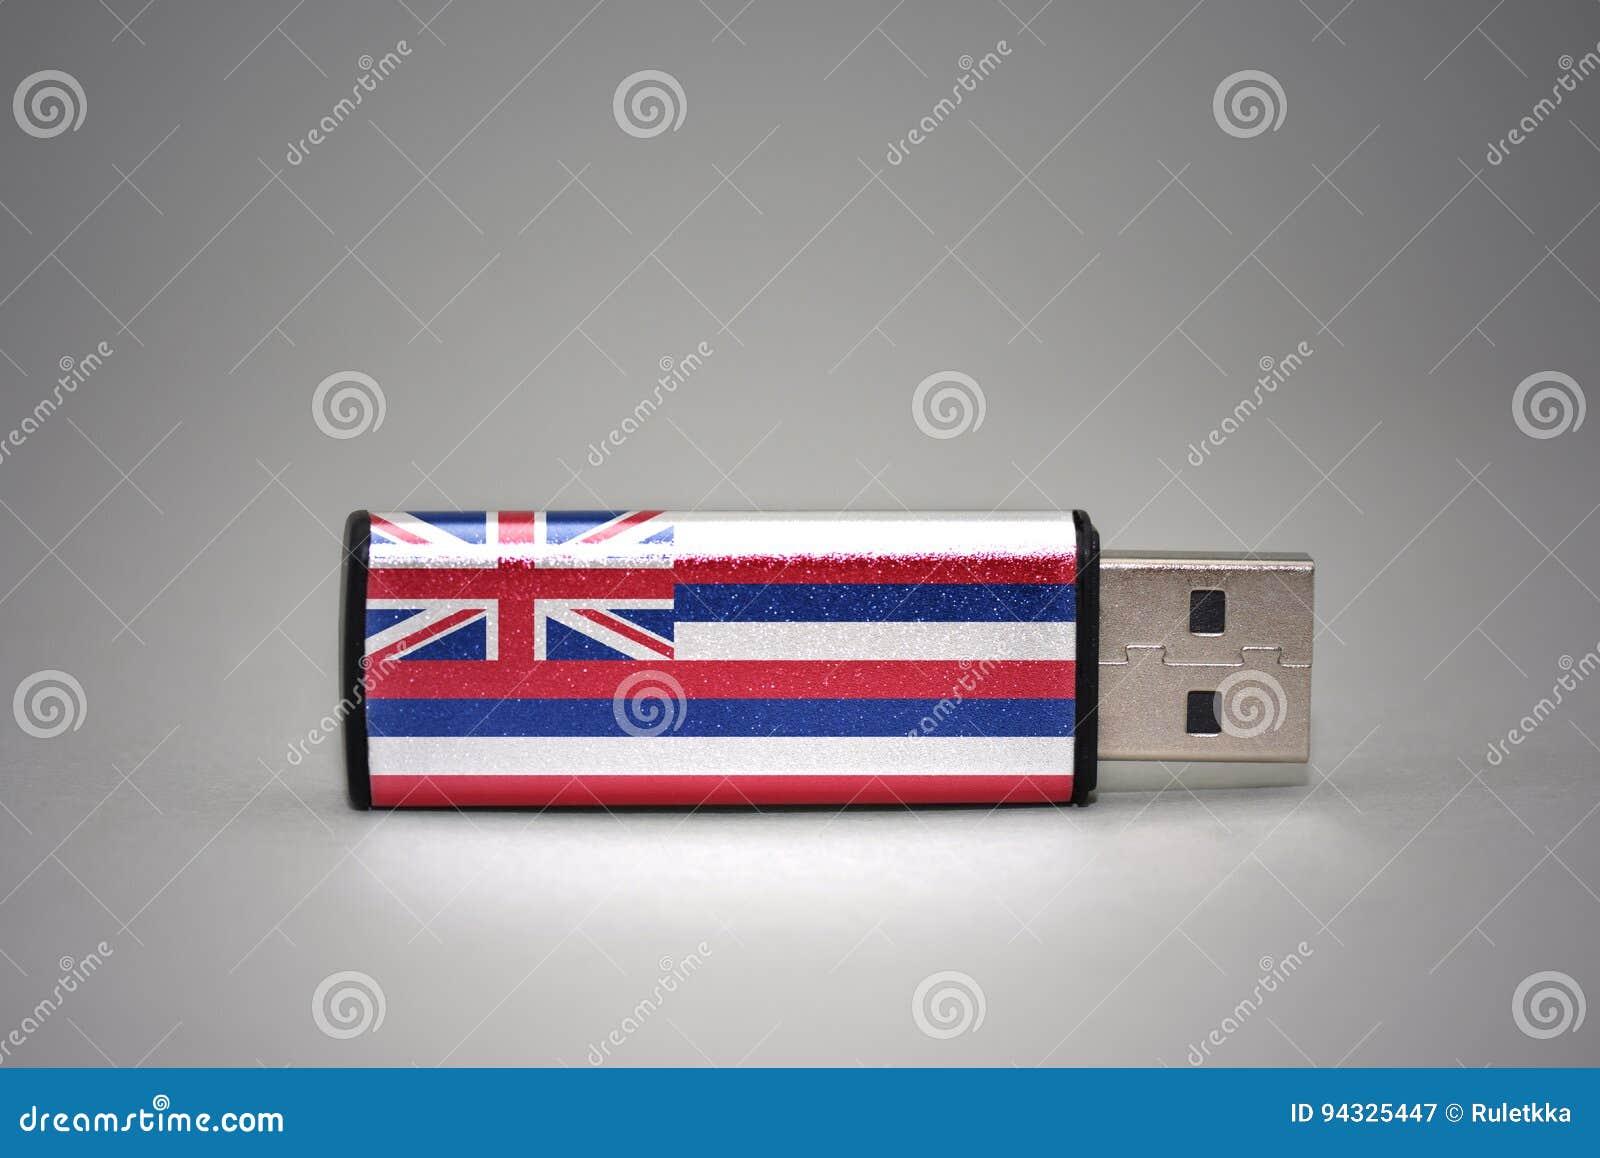 Movimentação do flash do Usb com a bandeira do estado de Havaí no fundo cinzento